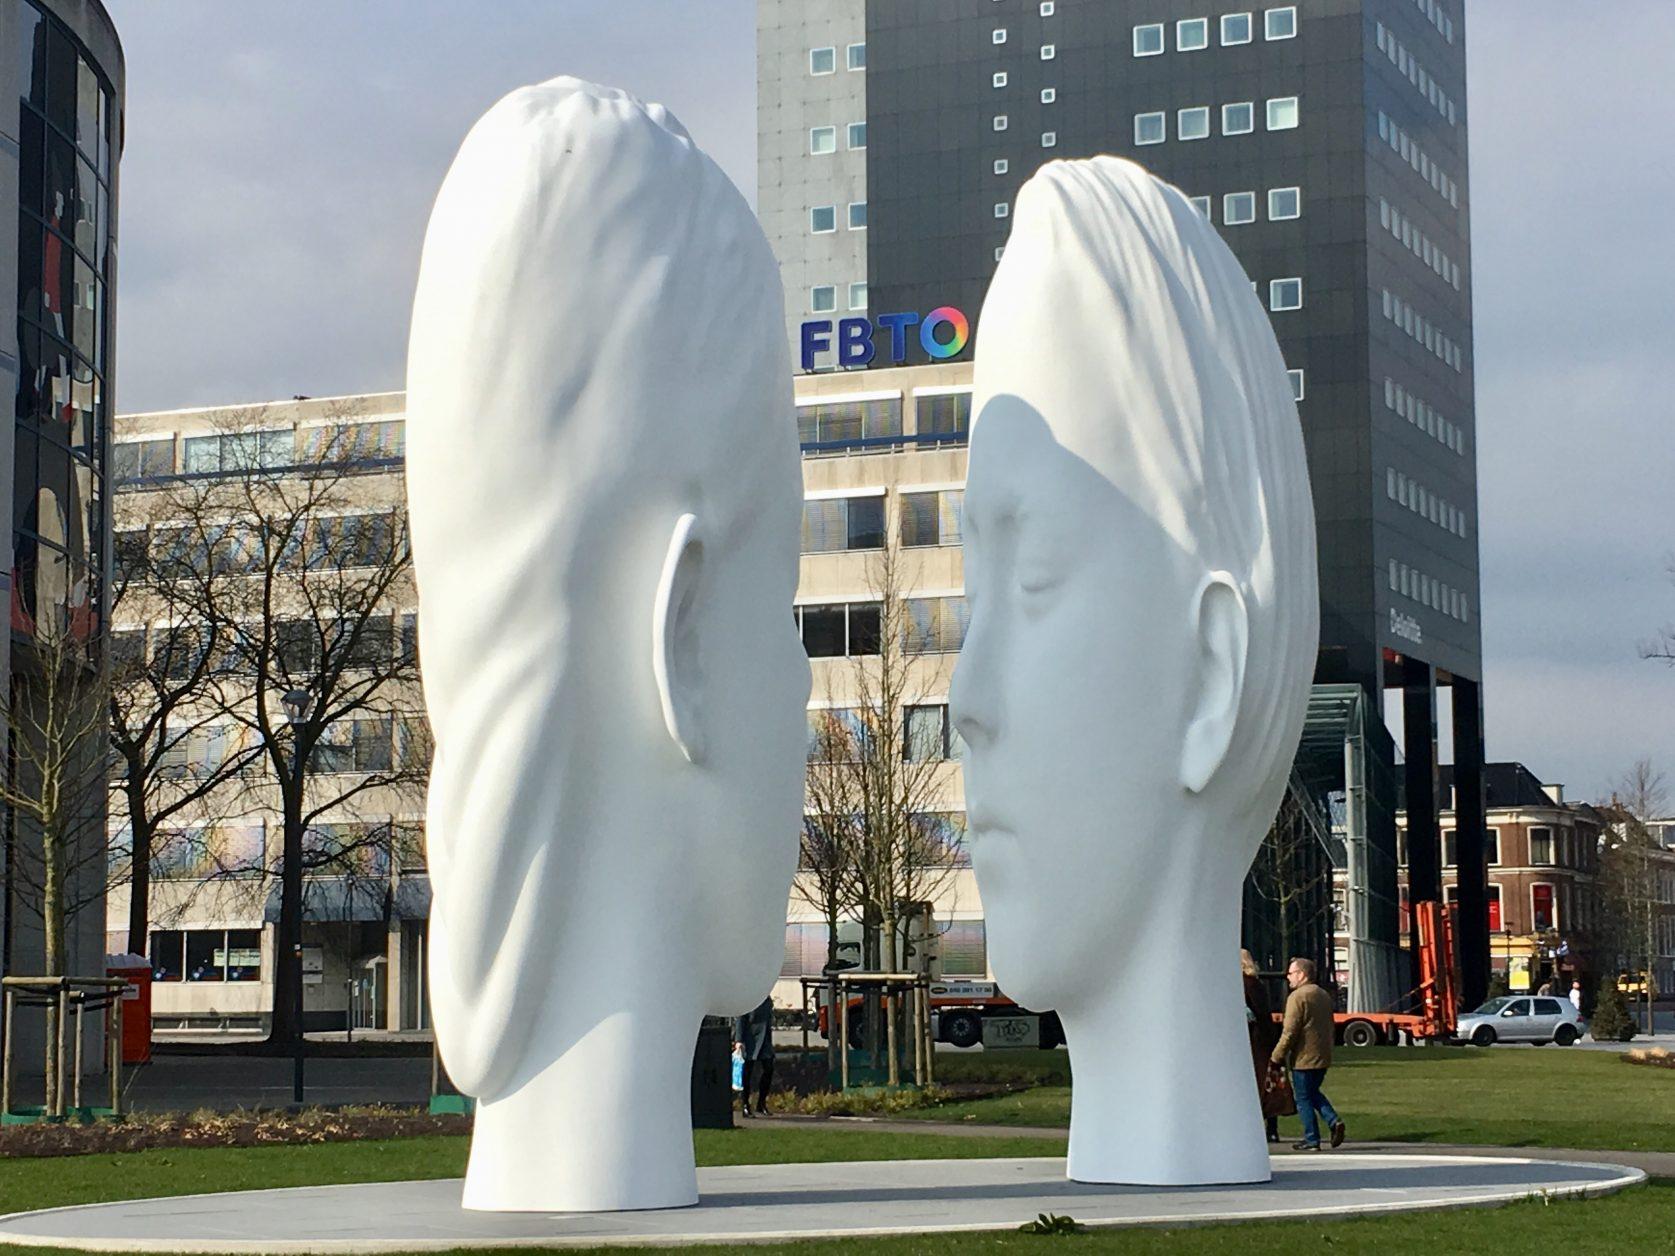 Kunstwerke am Bahnhof von Leeuwarden, Foto: Weirauch